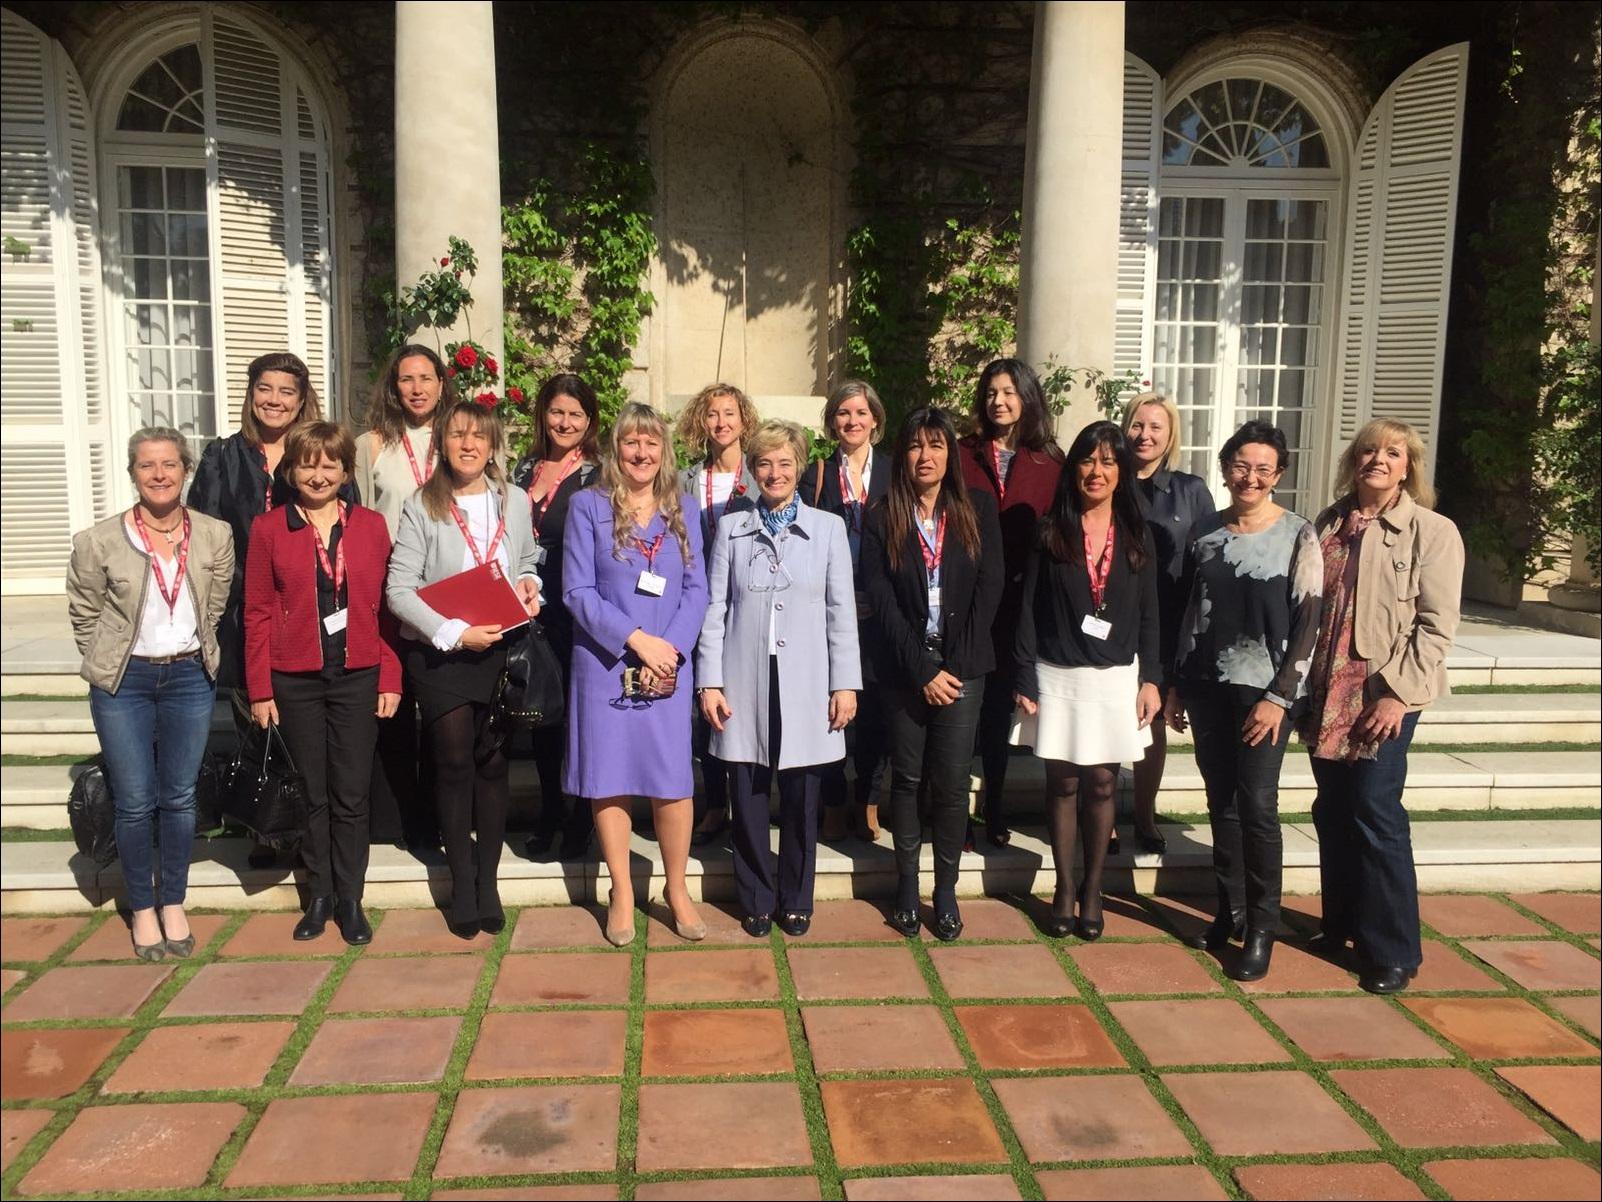 Competències personals i professionals de la dones empresàries i directives: conscienciar per impulsar-les